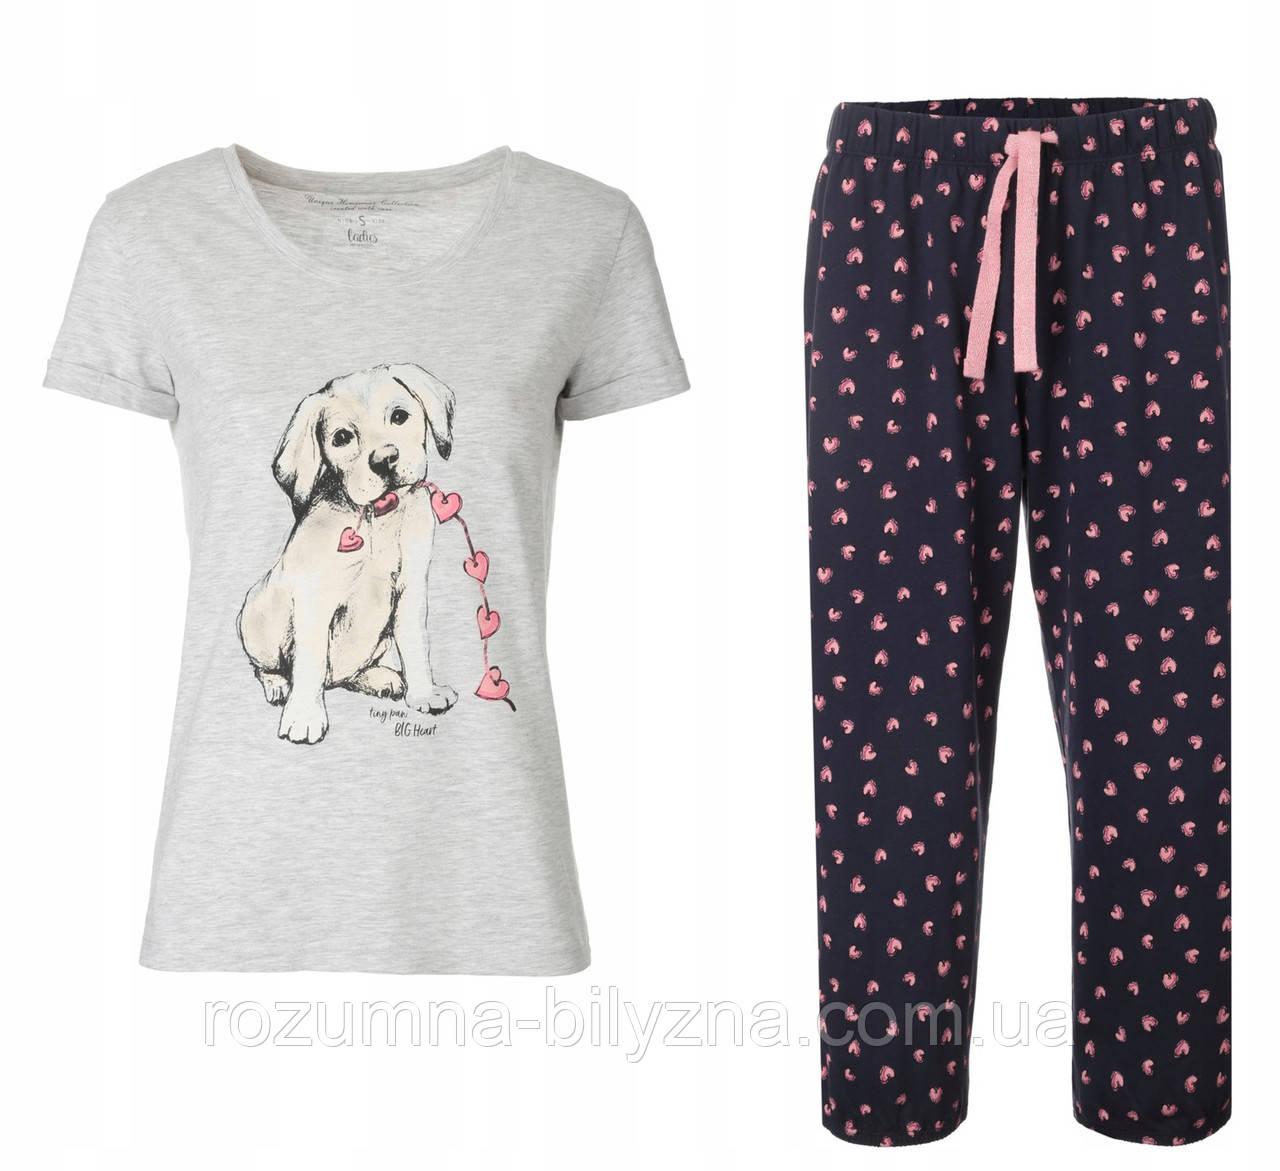 Піжама жіноча бріджи+футболка,ТМ Henderson. M